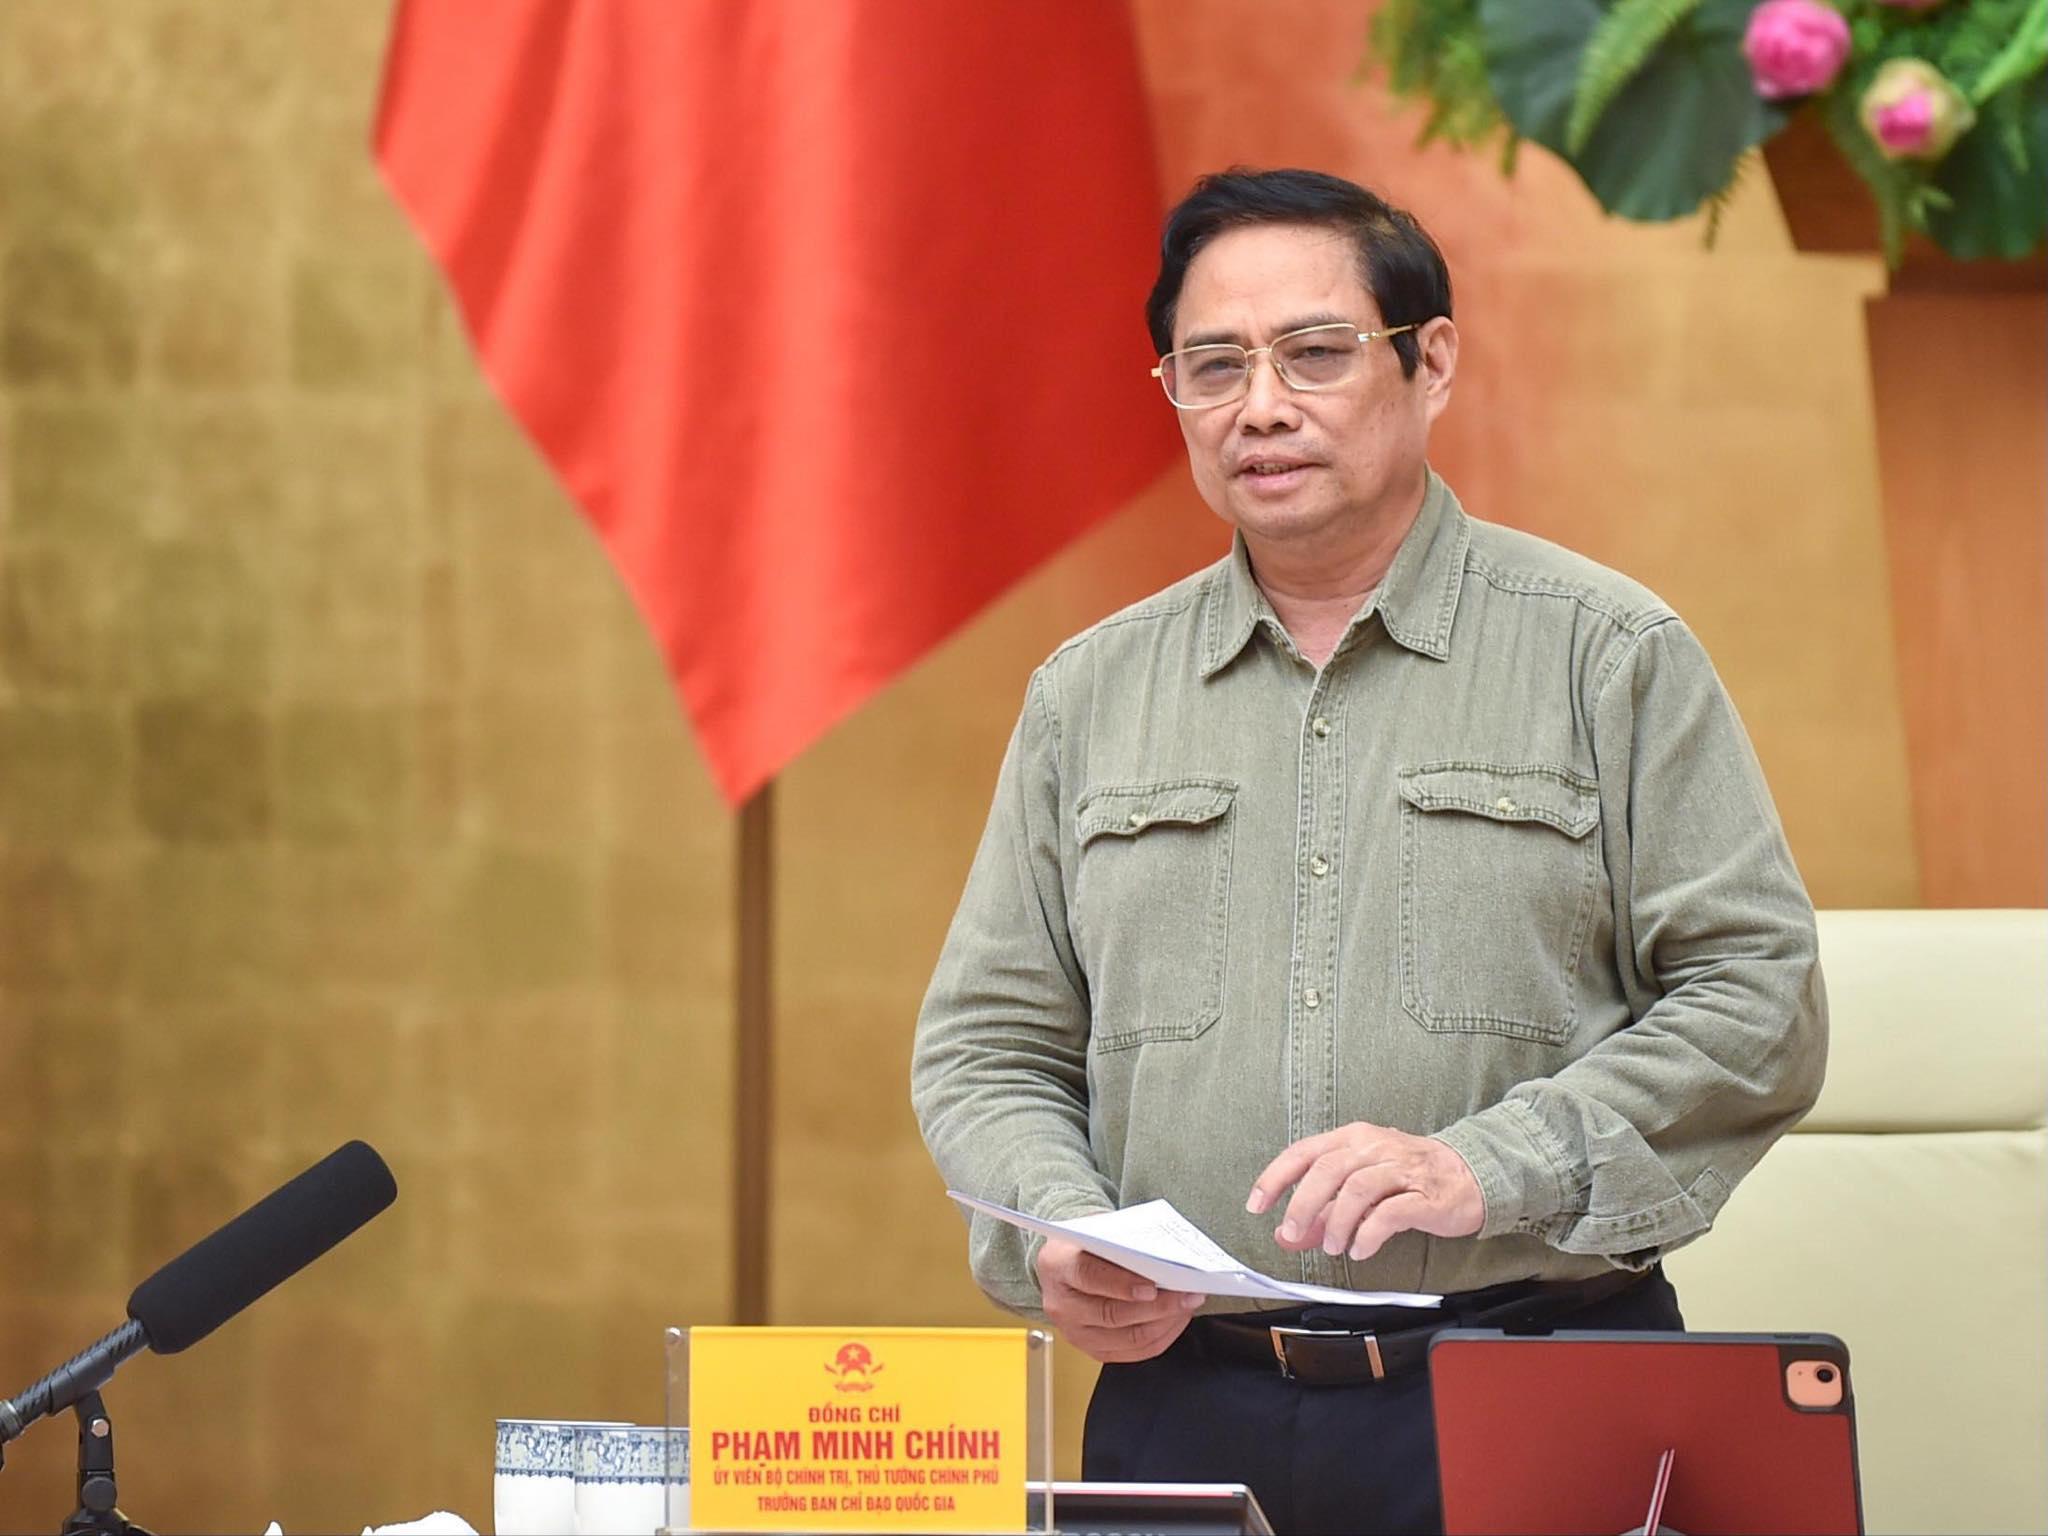 Thủ tướng Phạm Minh Chính chủ trì họp Ban chỉ đạo quốc gia phòng chống Covid-19, sáng 23/9. Ảnh: Nhật Bắc